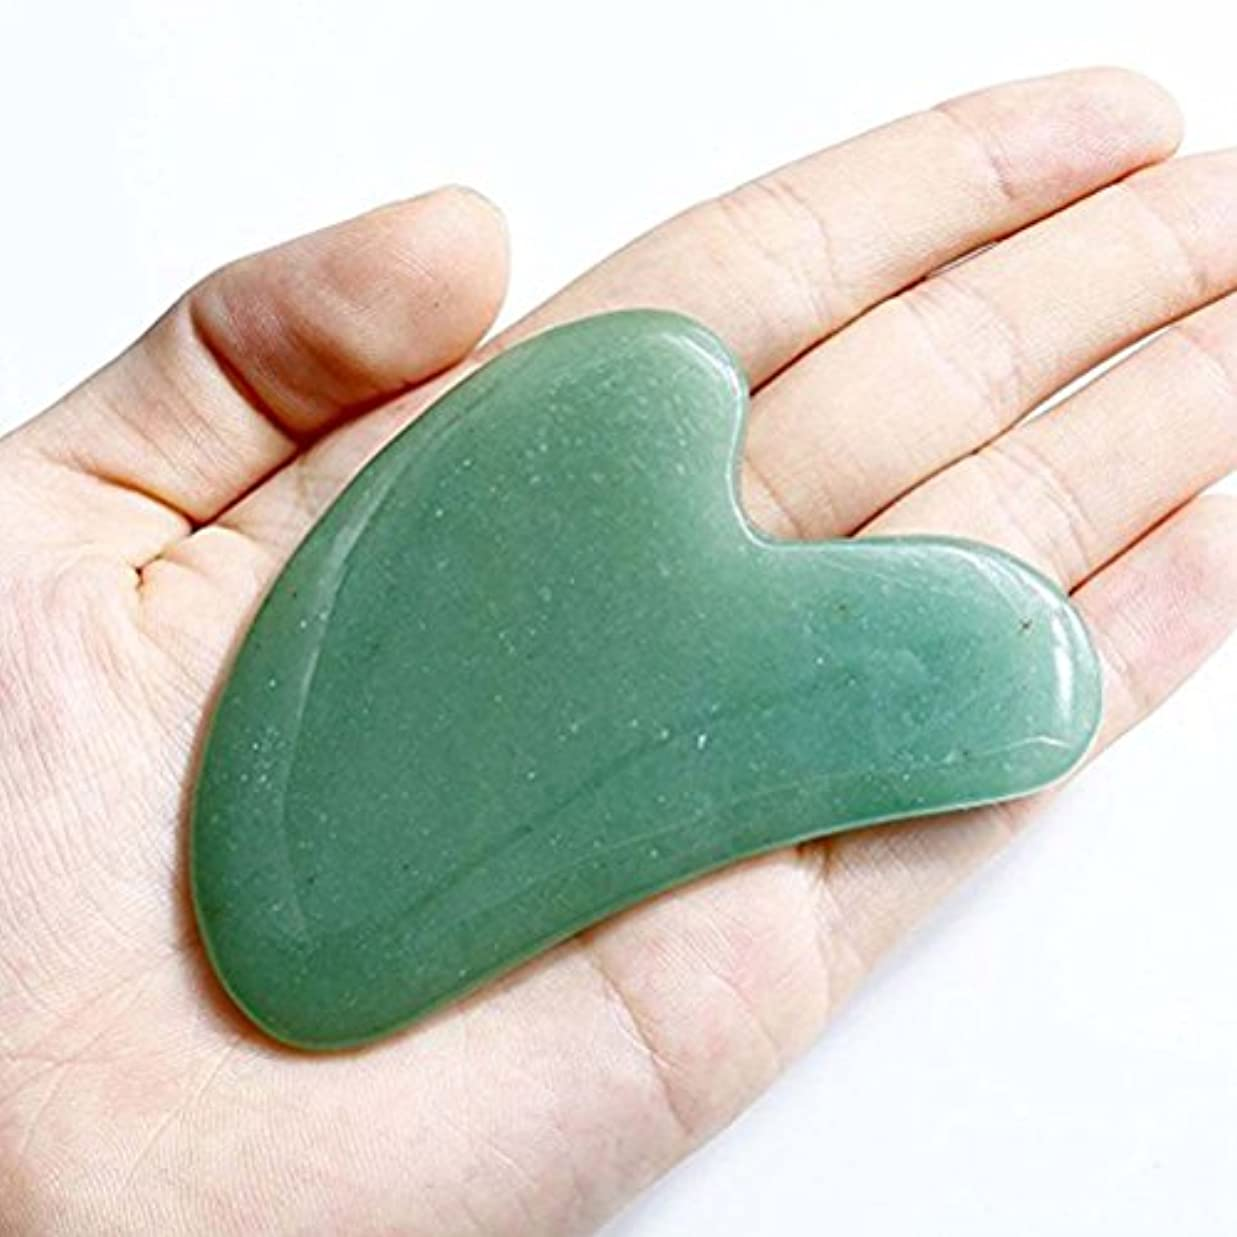 曖昧な留まる腹部Echo & Kern Face / Body Massage Green Aventurine heart shape ハート形状かっさプレート 天然石 翡翠色(顔?ボディのリンパマッサージ) (かっさプレートH)